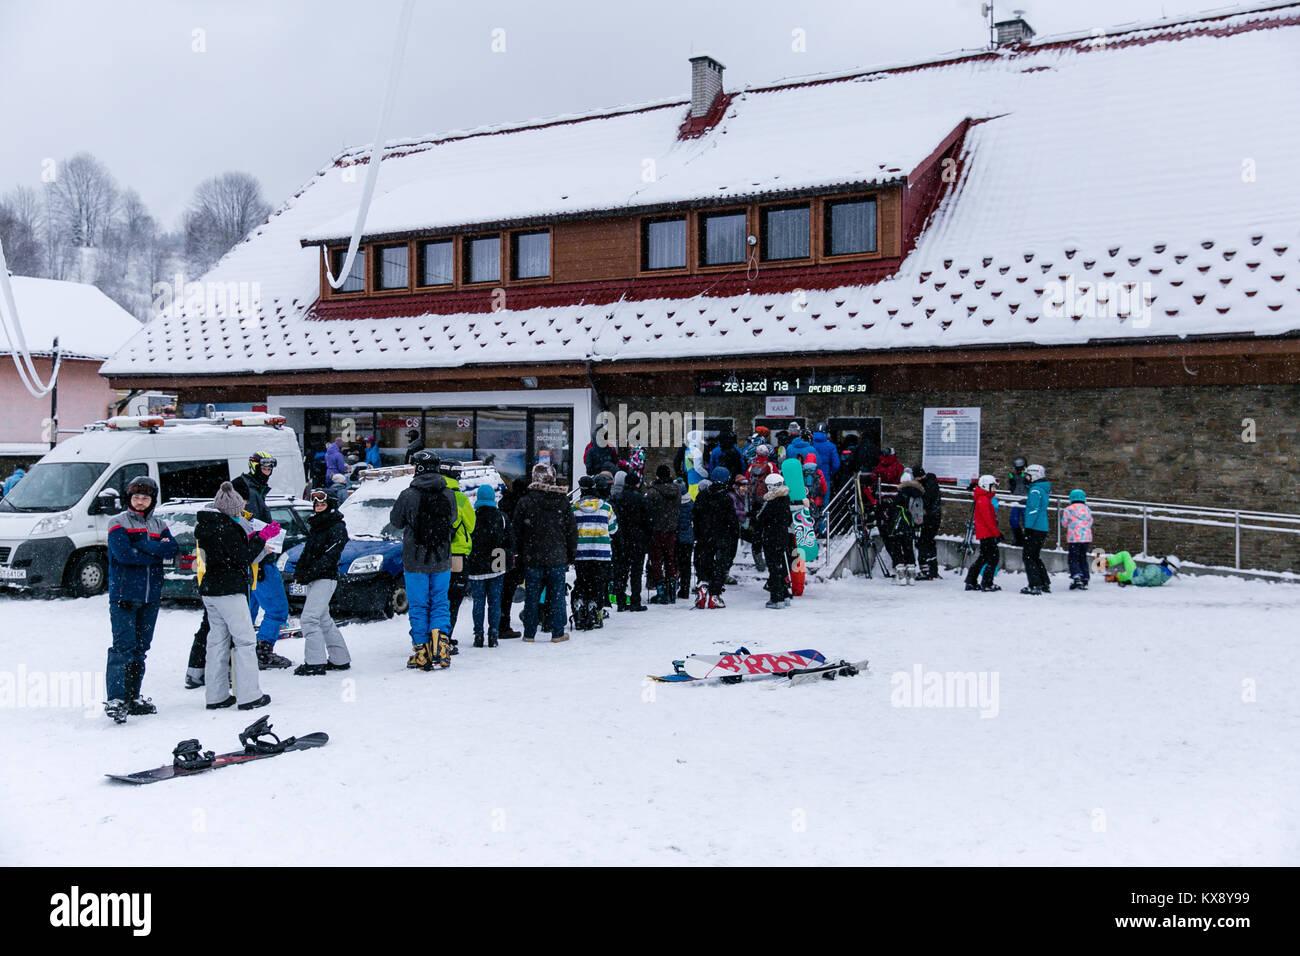 Skifahrer, Snowboarder und Touristen Schlange an der Kasse zu kaufen, Ski-Pass für den Berg Skrzyczne Gipfel in Szczyrk Polen Stockfoto